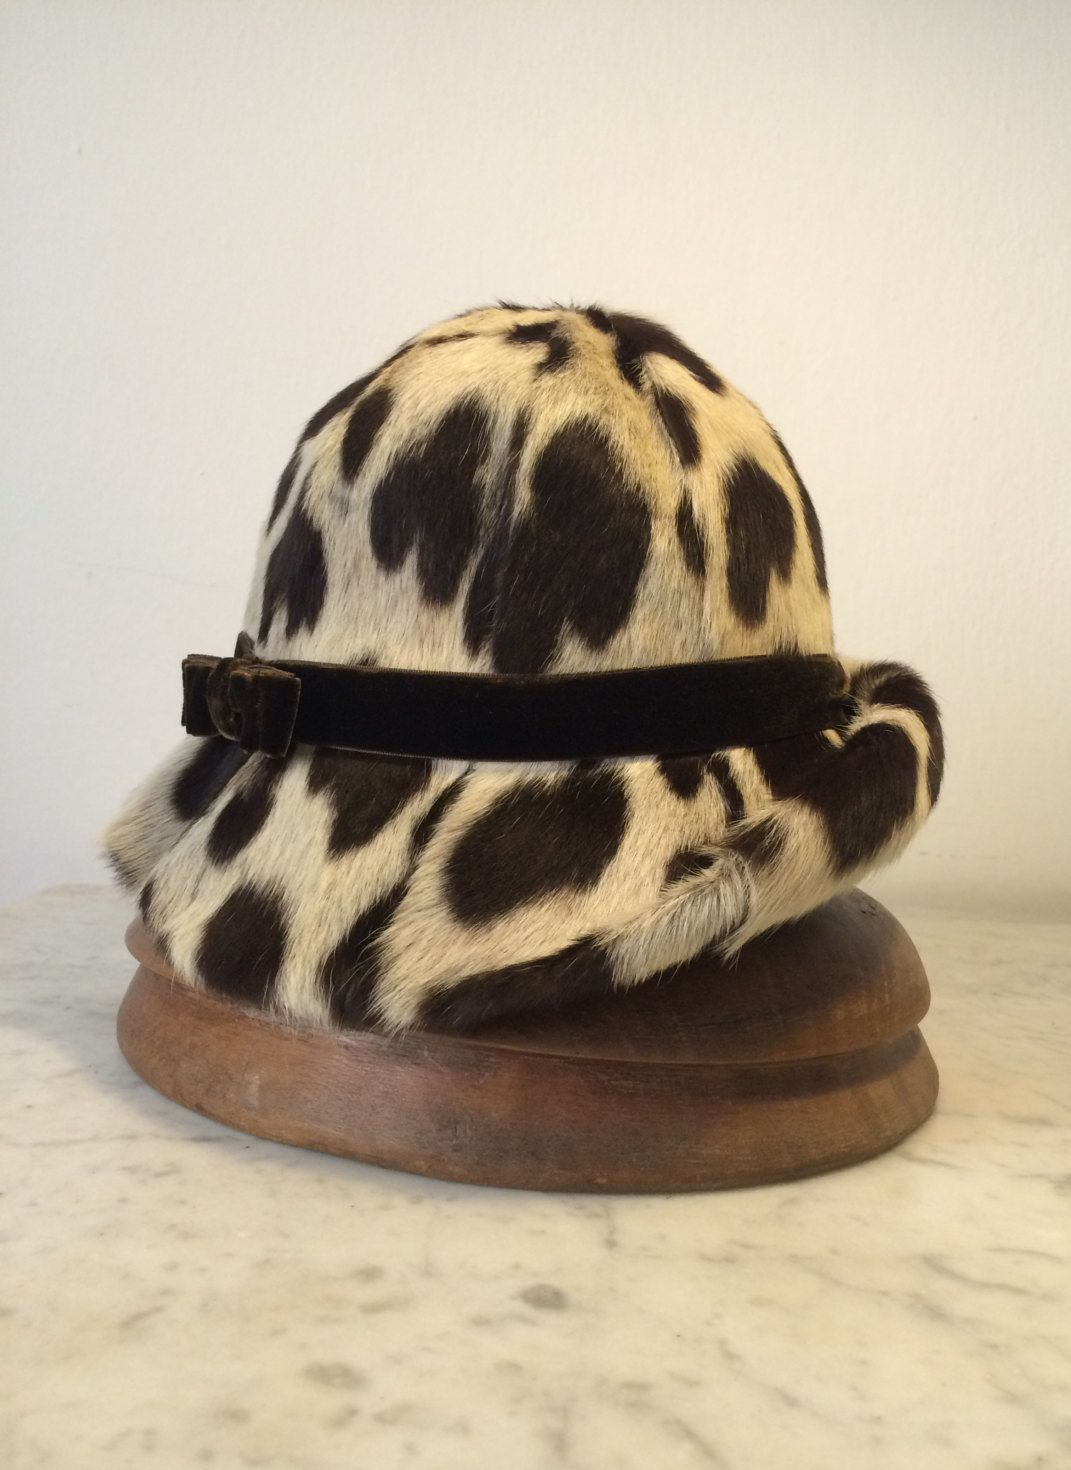 Cappello invernale pelo maculato   Cloche donna pelo anni 60   Cappello  maculato in vero pelo anni 60   Cloche invernale   Regalo per lei by ... 279cd814baae